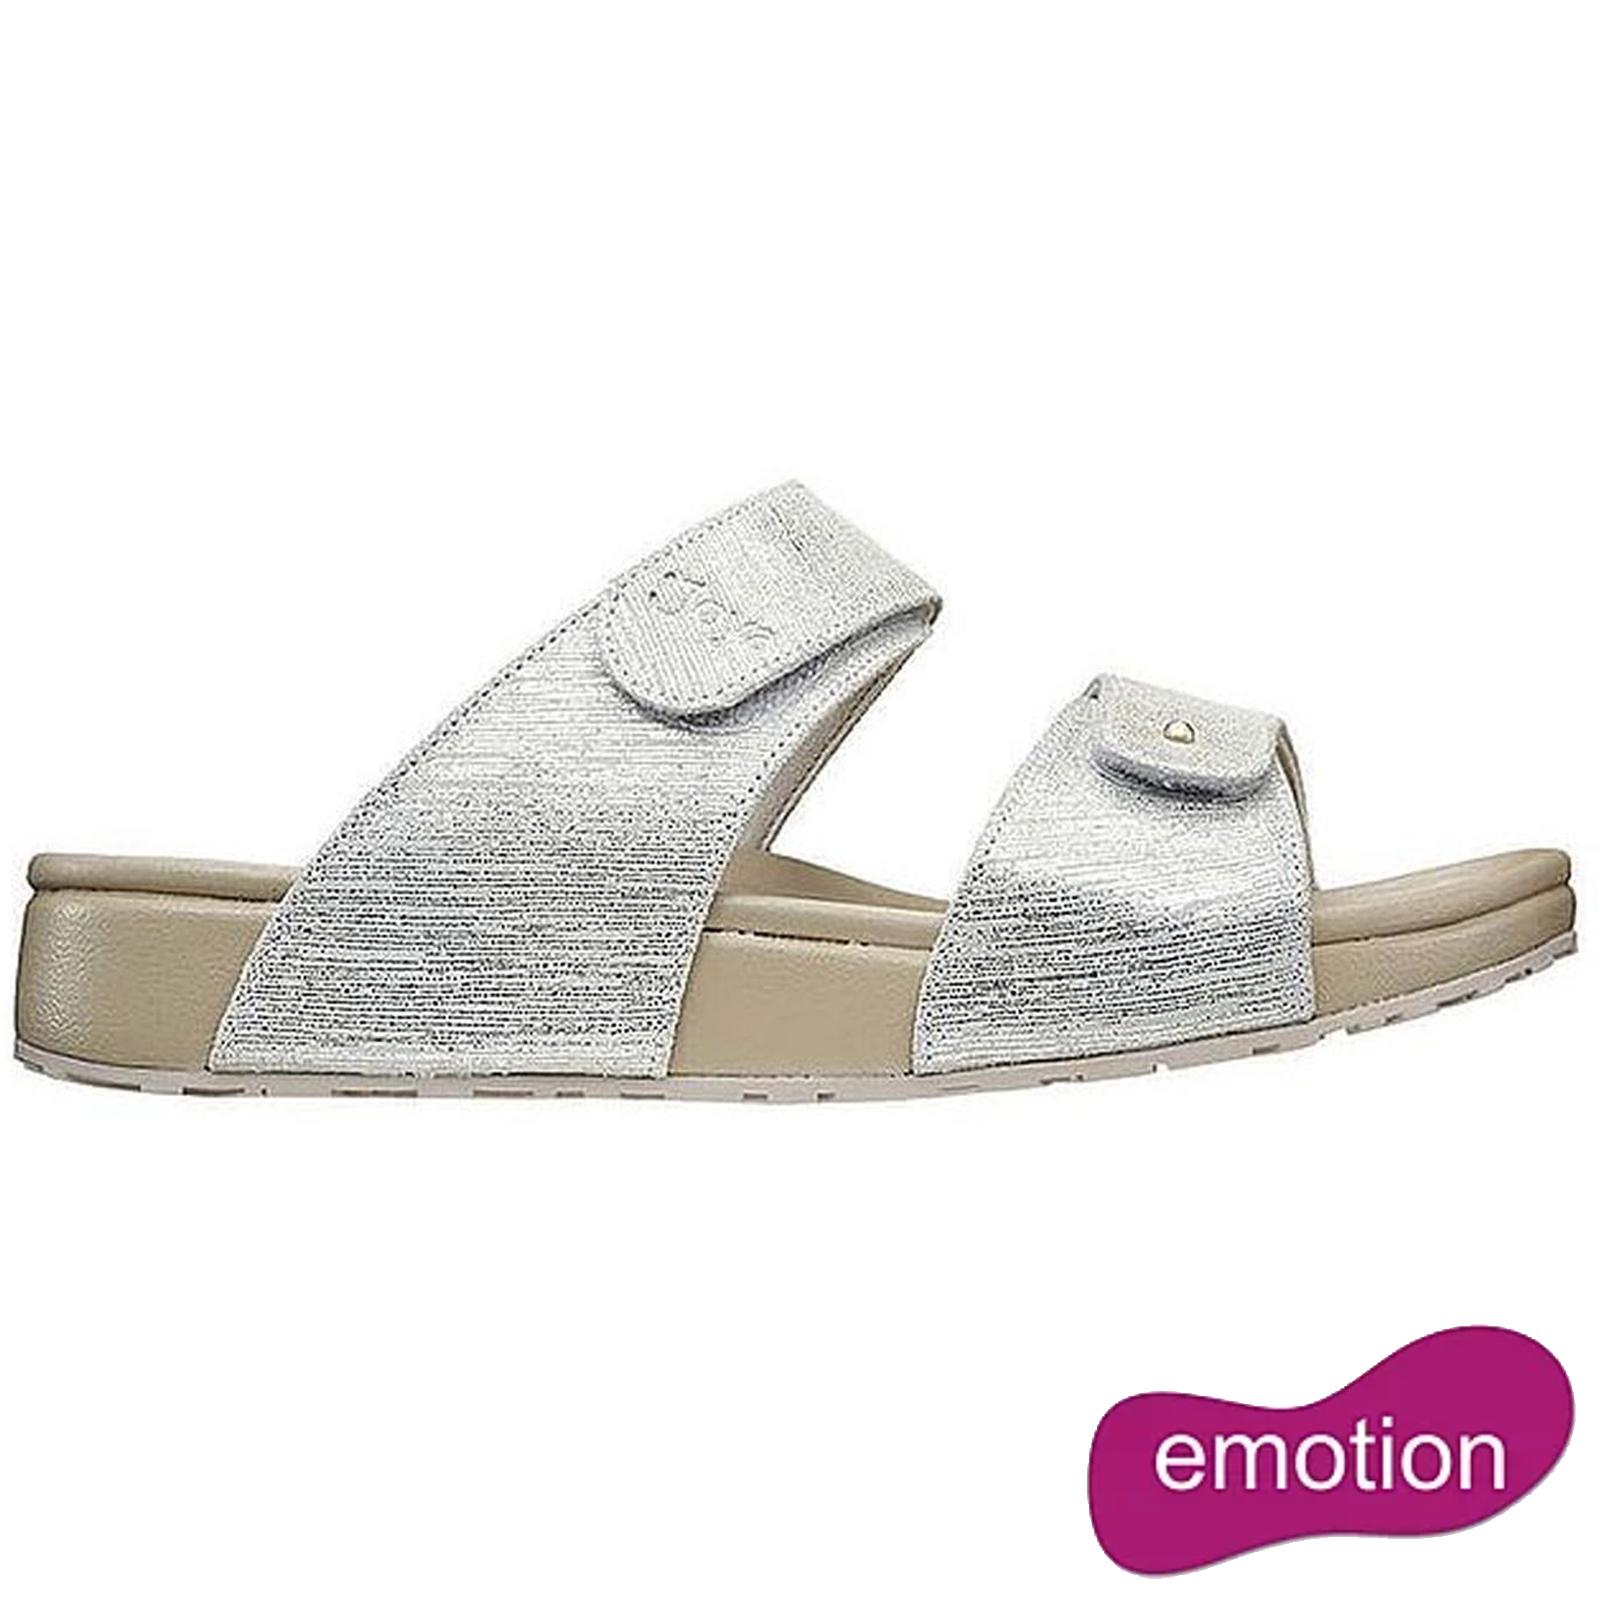 Joya Womens Vienna Adjustable Slide Sandal - Beige Metallic